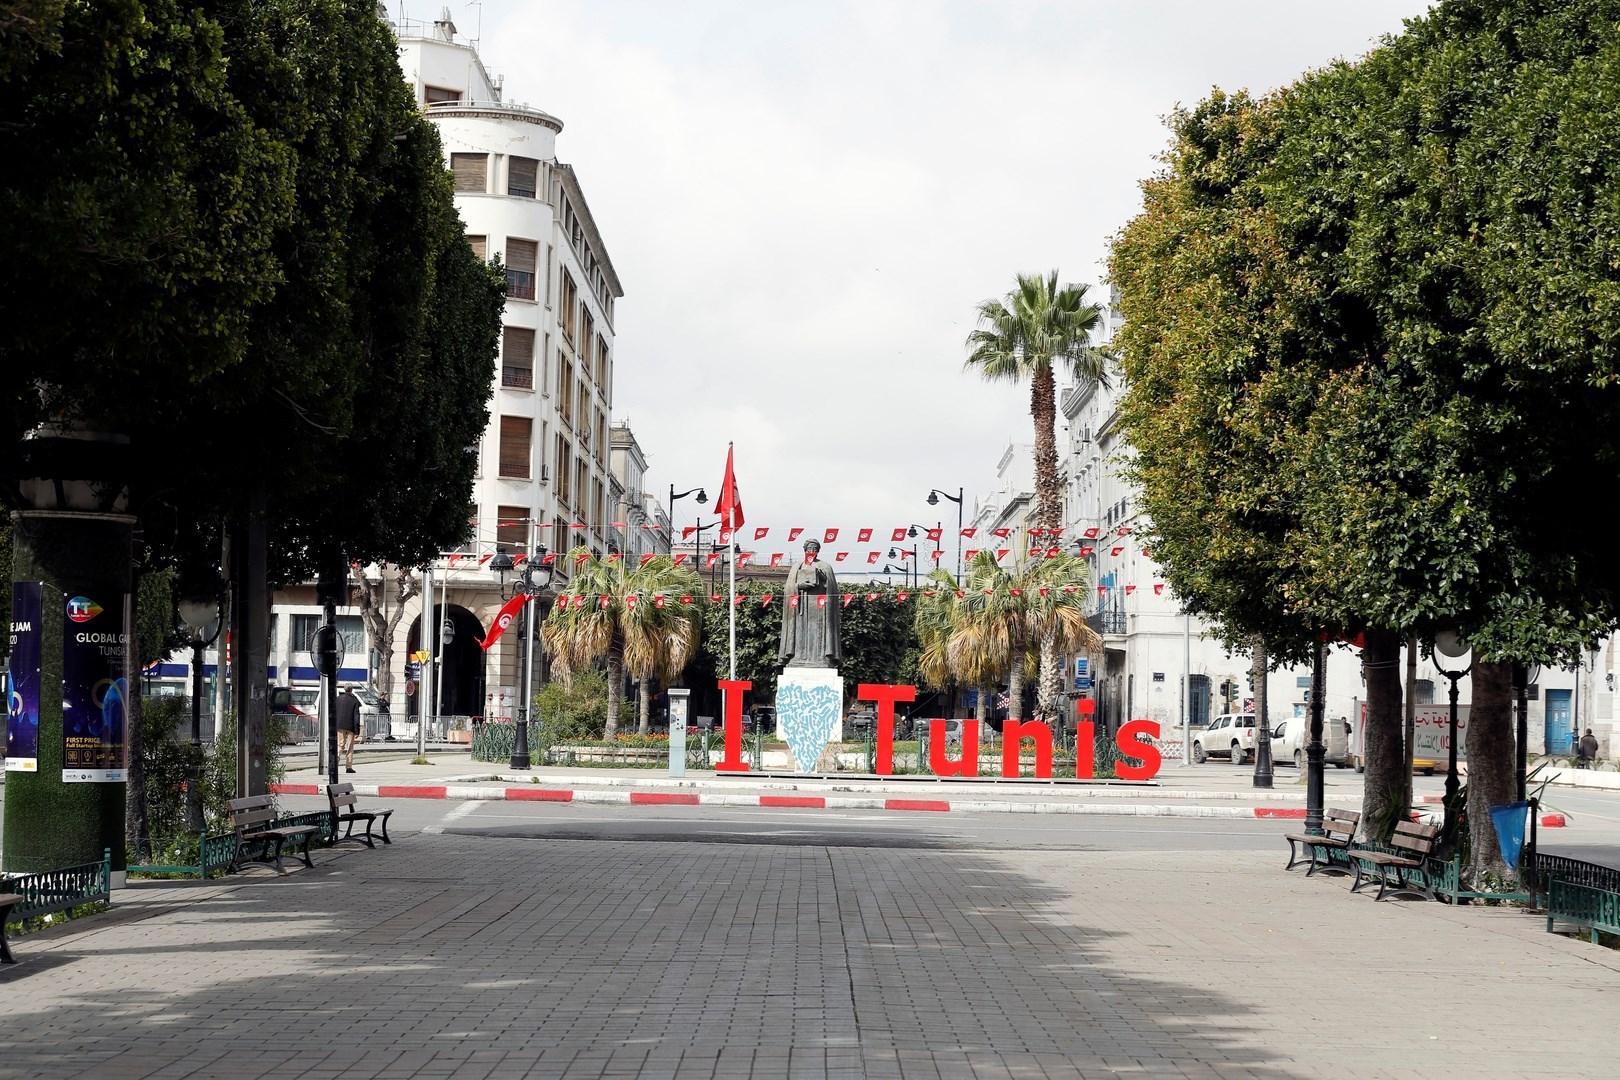 الداخلية التونسية: تم خلال العملية حجز سلاح حربي من نوع